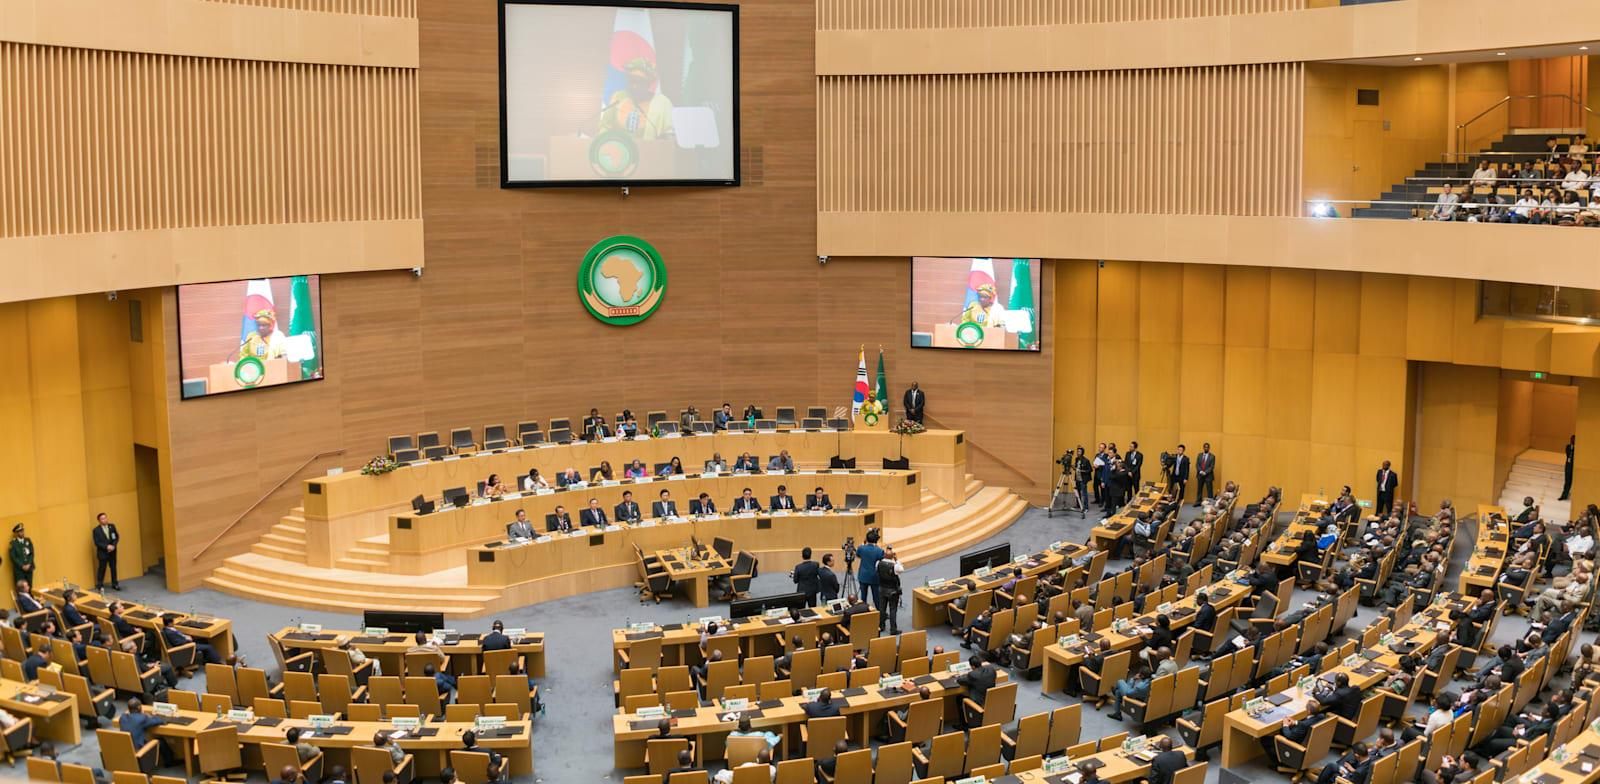 כינוס האיחוד האפריקאי באדיס אבבה / צילום: Shutterstock, Dereje